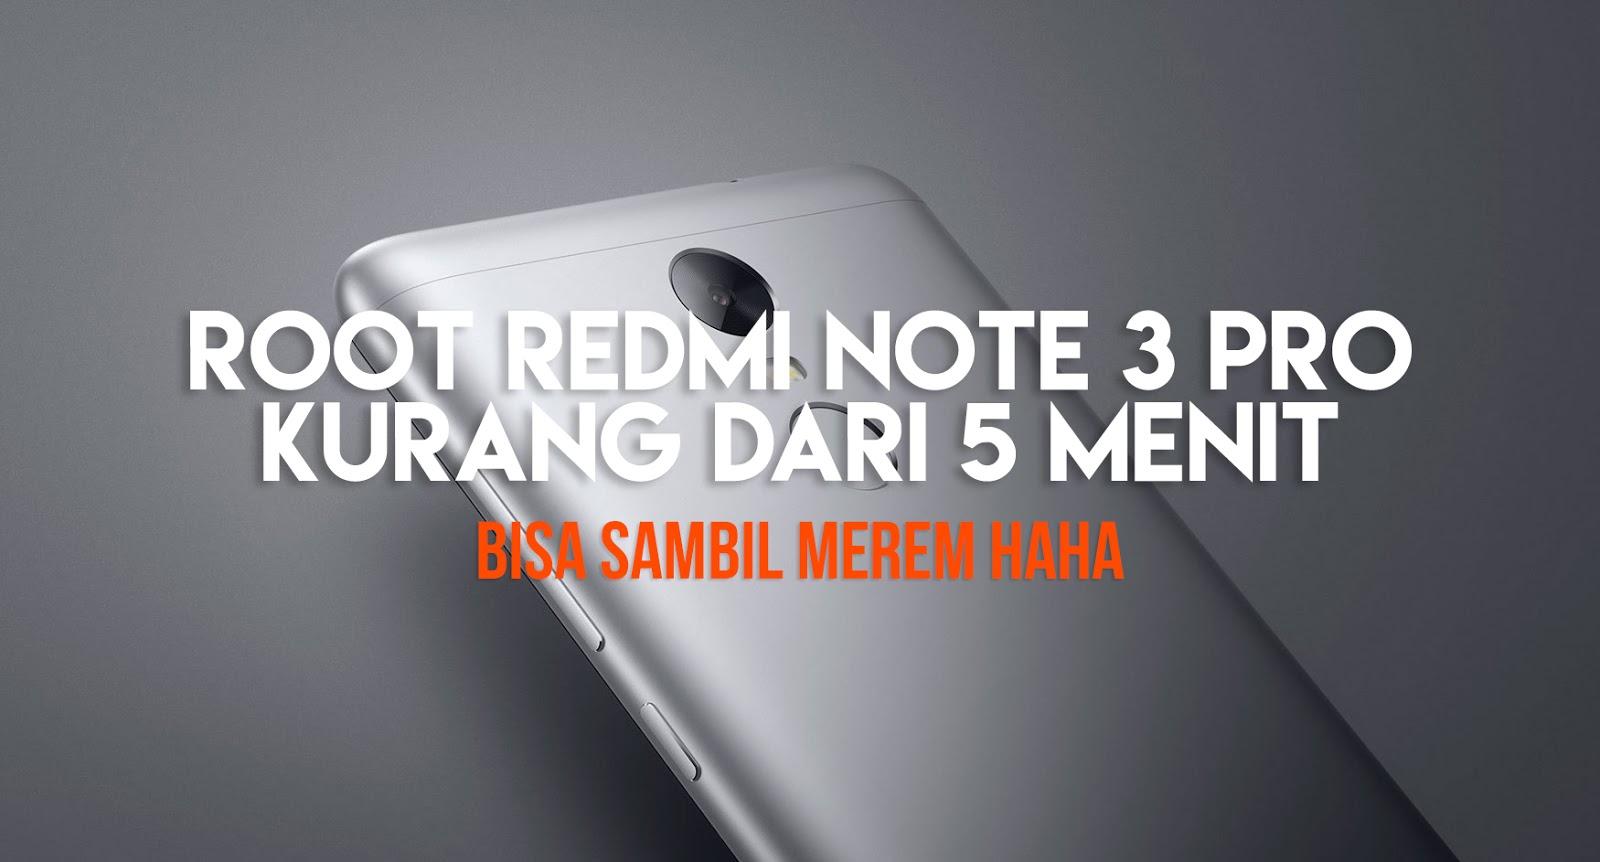 Cara Root Redmi Note 3 PRO Kurang Dari 5 Menit! | Yuusroon